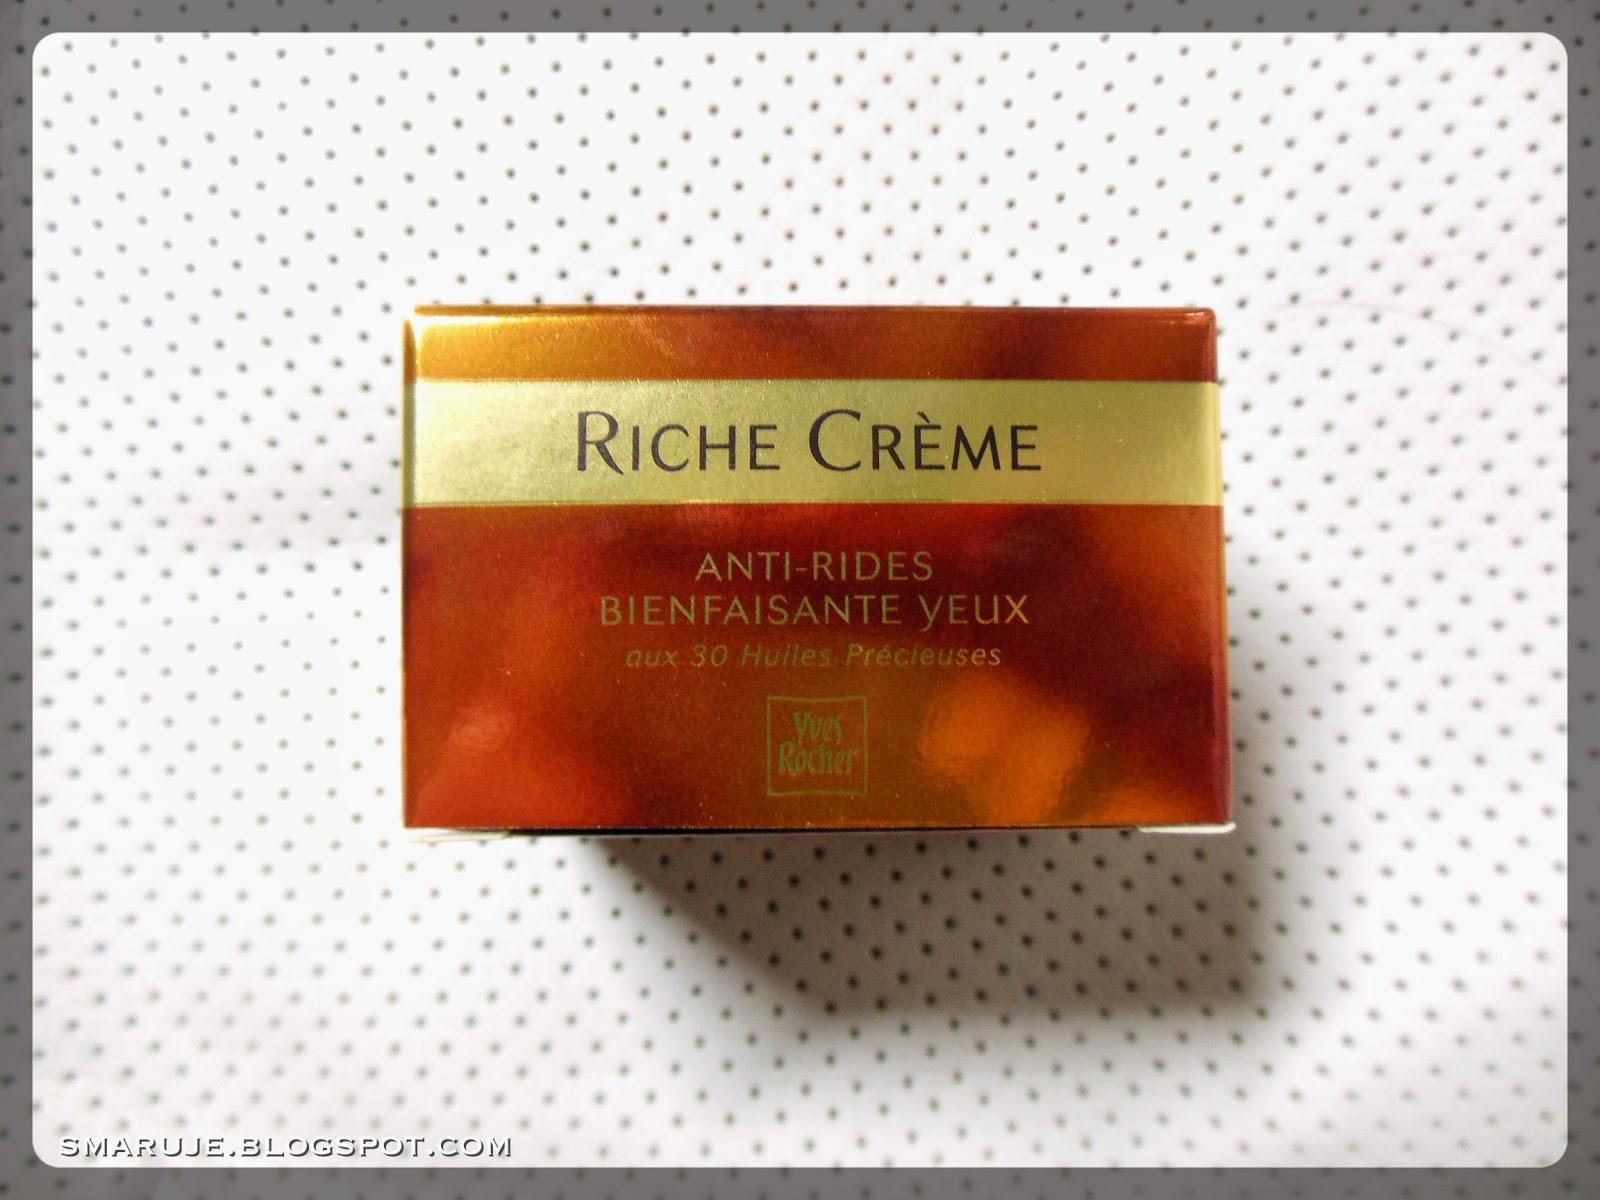 Yves Rocher – Riche Crème – przeciwzmarszczkowy krem pod oczy – starsza wersja [recenzja]